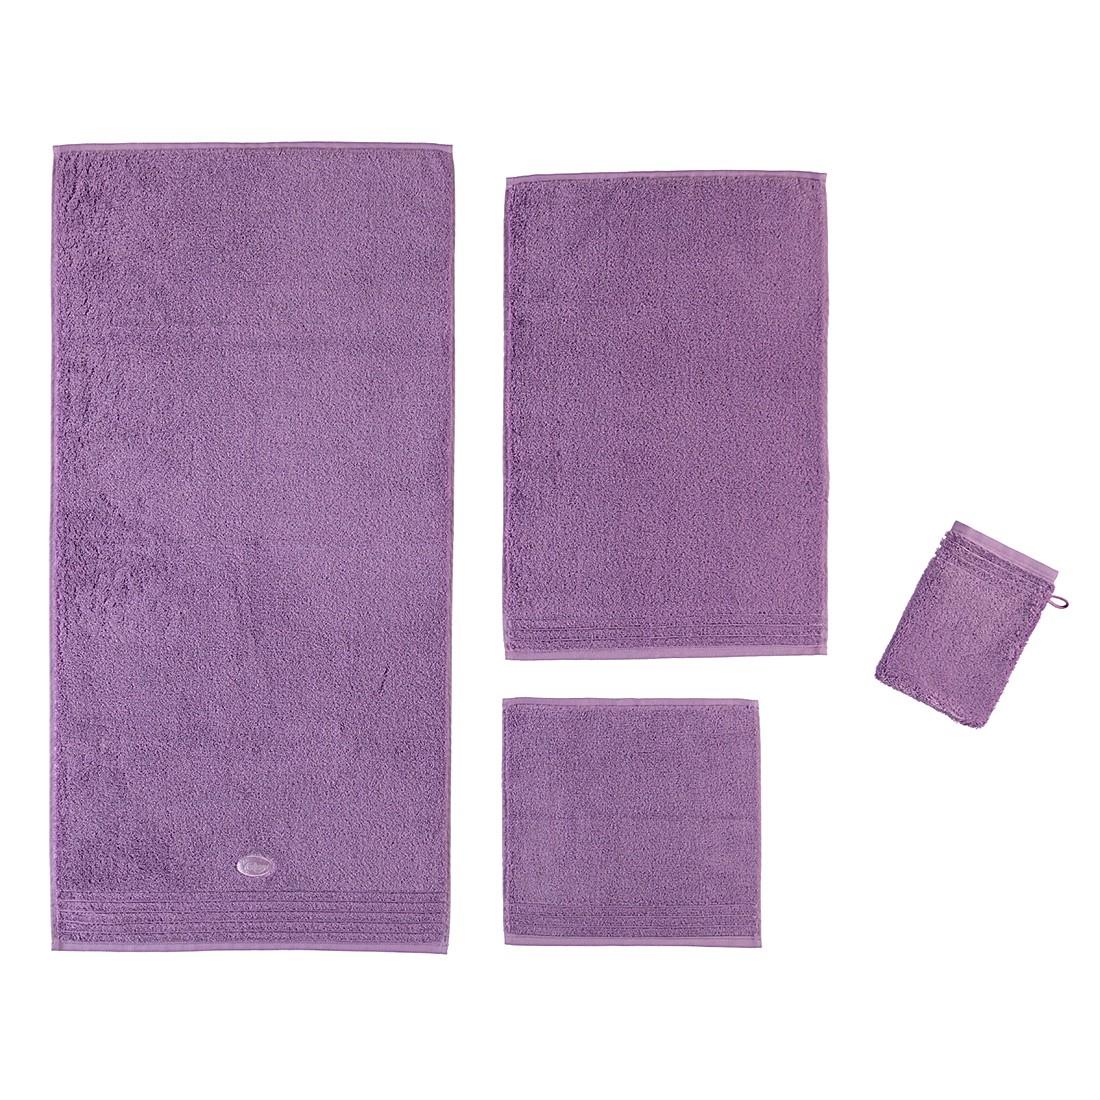 Handtücher Dreams – Baumwolle – Dark Lilac – Duschtuch 67×140 cm, Vossen jetzt kaufen